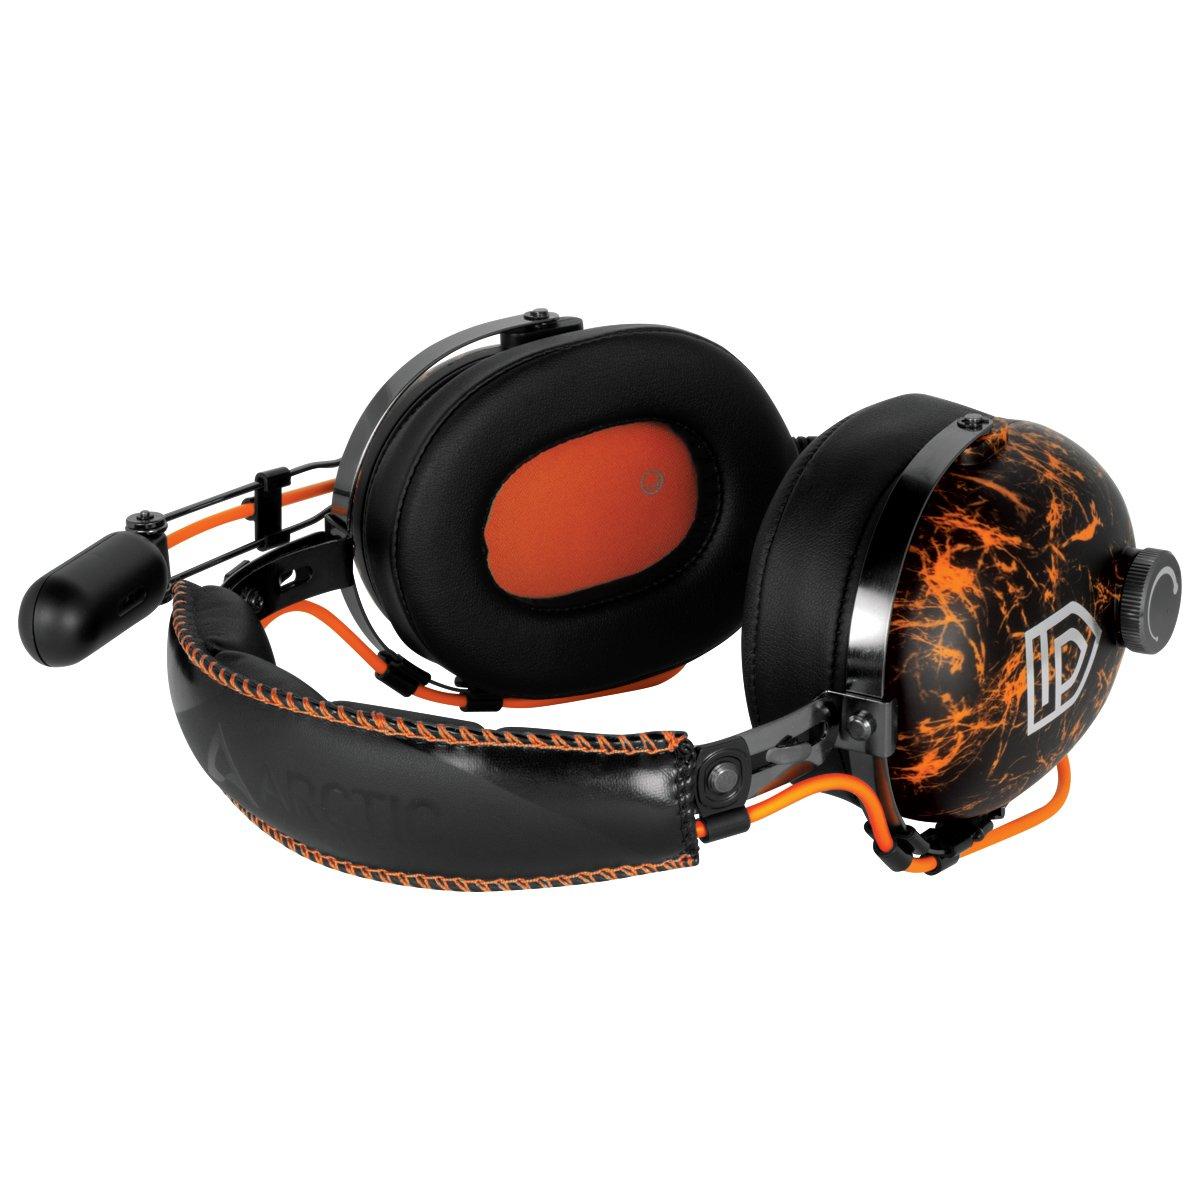 Basses fortes et aigus nets Accessoire pour jeu Arctic P533 Racing Etanch/éit/é sonore excellente Casque PC Noir et Rouge Microphone int/égr/é